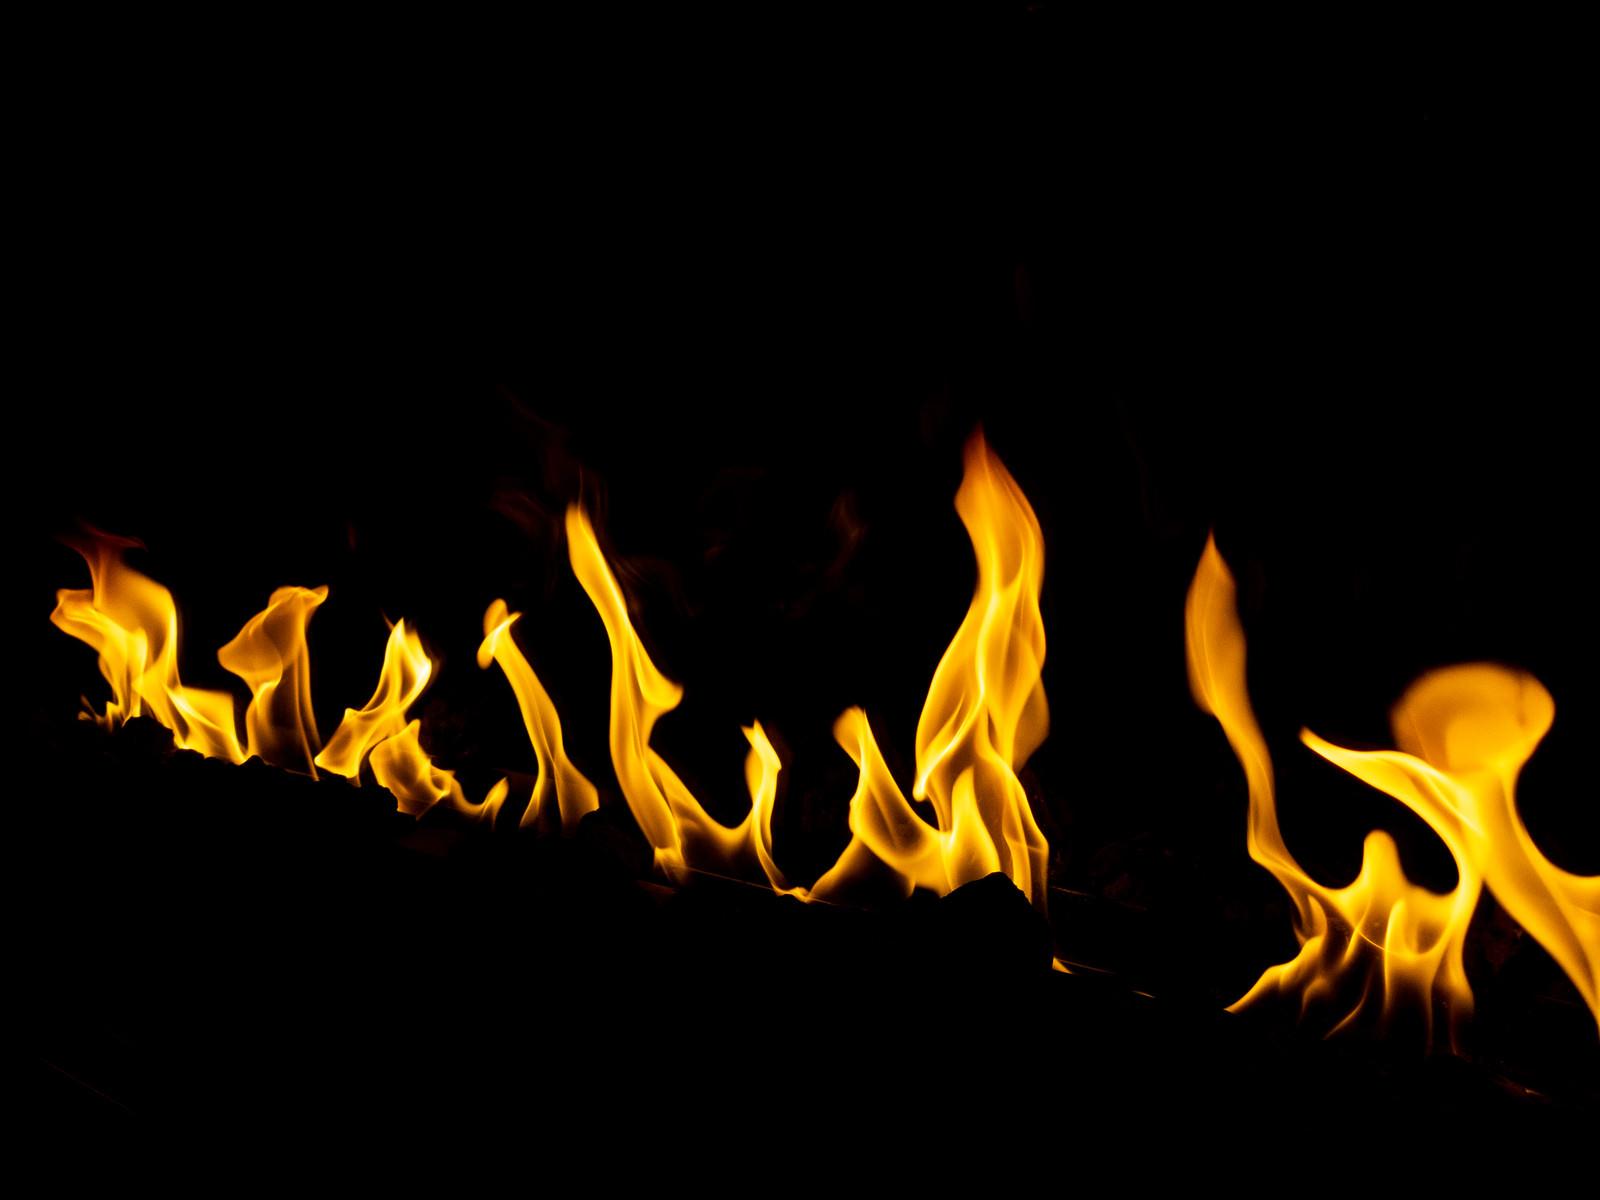 「メラメラと燃える炎」の写真